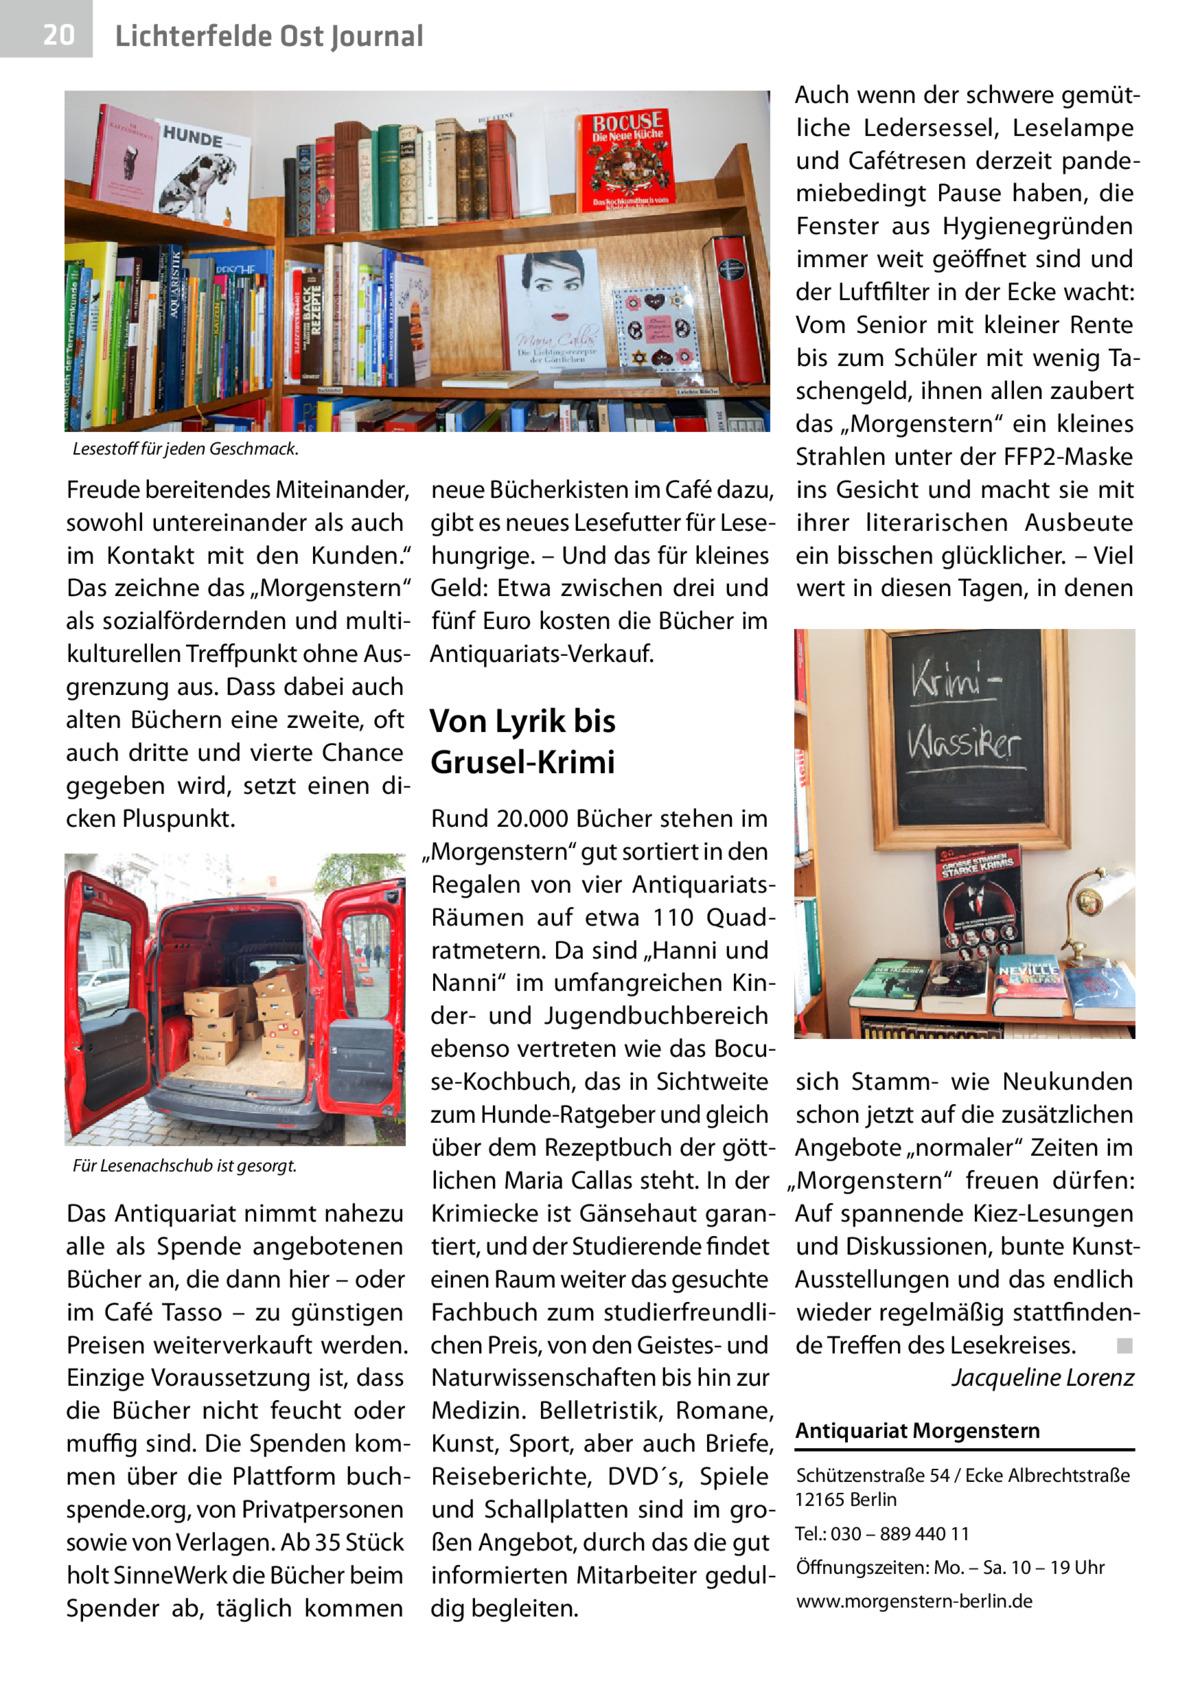 """20  Lichterfelde Ost Journal  Lesestoff für jeden Geschmack.  Freude bereitendes Miteinander, sowohl untereinander als auch im Kontakt mit den Kunden."""" Das zeichne das """"Morgenstern"""" als sozialfördernden und multikulturellen Treffpunkt ohne Ausgrenzung aus. Dass dabei auch alten Büchern eine zweite, oft auch dritte und vierte Chance gegeben wird, setzt einen dicken Pluspunkt.  Für Lesenachschub ist gesorgt.  Das Antiquariat nimmt nahezu alle als Spende angebotenen Bücher an, die dann hier – oder im Café Tasso – zu günstigen Preisen weiterverkauft werden. Einzige Voraussetzung ist, dass die Bücher nicht feucht oder muffig sind. Die Spenden kommen über die Plattform buchspende.org, von Privatpersonen sowie von Verlagen. Ab 35Stück holt SinneWerk die Bücher beim Spender ab, täglich kommen  neue Bücherkisten im Café dazu, gibt es neues Lesefutter für Lesehungrige. – Und das für kleines Geld: Etwa zwischen drei und fünf Euro kosten die Bücher im Antiquariats-Verkauf.  Auch wenn der schwere gemütliche Ledersessel, Leselampe und Cafétresen derzeit pandemiebedingt Pause haben, die Fenster aus Hygienegründen immer weit geöffnet sind und der Luftfilter in der Ecke wacht: Vom Senior mit kleiner Rente bis zum Schüler mit wenig Taschengeld, ihnen allen zaubert das """"Morgenstern"""" ein kleines Strahlen unter der FFP2-Maske ins Gesicht und macht sie mit ihrer literarischen Ausbeute ein bisschen glücklicher. – Viel wert in diesen Tagen, in denen  Von Lyrik bis Grusel-Krimi Rund 20.000 Bücher stehen im """"Morgenstern"""" gut sortiert in den Regalen von vier AntiquariatsRäumen auf etwa 110 Quadratmetern. Da sind """"Hanni und Nanni"""" im umfangreichen Kinder- und Jugendbuchbereich ebenso vertreten wie das Bocuse-Kochbuch, das in Sichtweite zum Hunde-Ratgeber und gleich über dem Rezeptbuch der göttlichen Maria Callas steht. In der Krimiecke ist Gänsehaut garantiert, und der Studierende findet einen Raum weiter das gesuchte Fachbuch zum studierfreundlichen Preis, von den Geistes- und Naturwissenscha"""